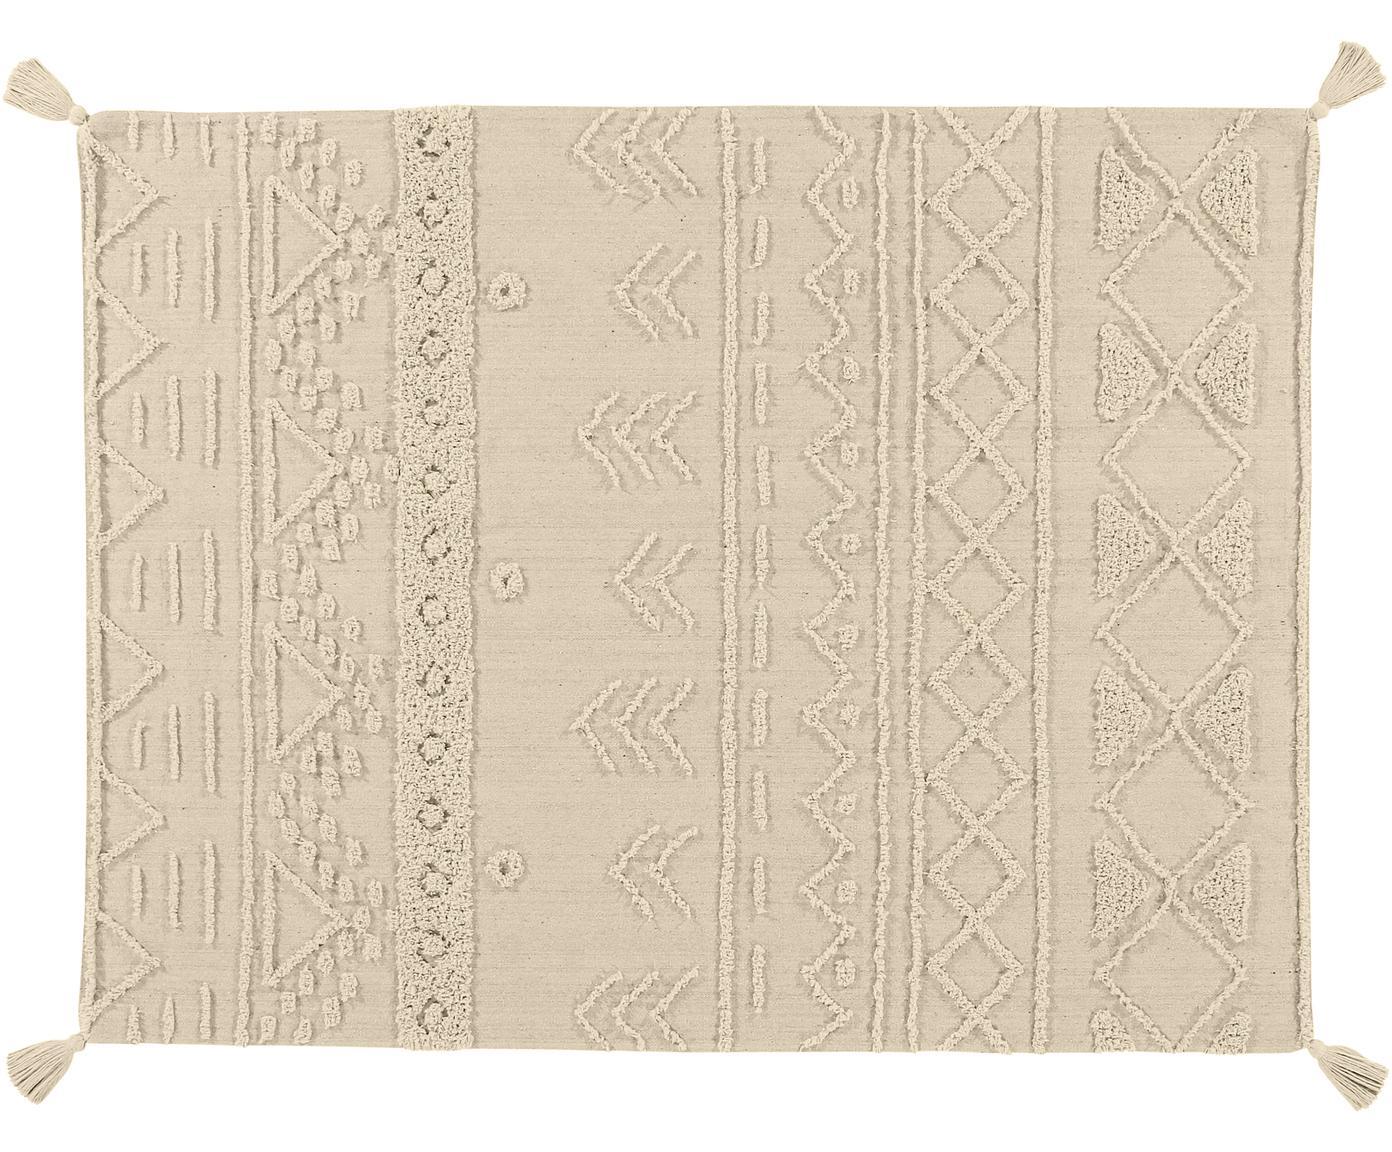 Alfombra texturizada Tribu, estilo étnico, Parte superior: 97%algodón reciclado, 3%, Reverso: algodón reciclado, Gris, beige, An 120 x L 160 cm (Tamaño S)